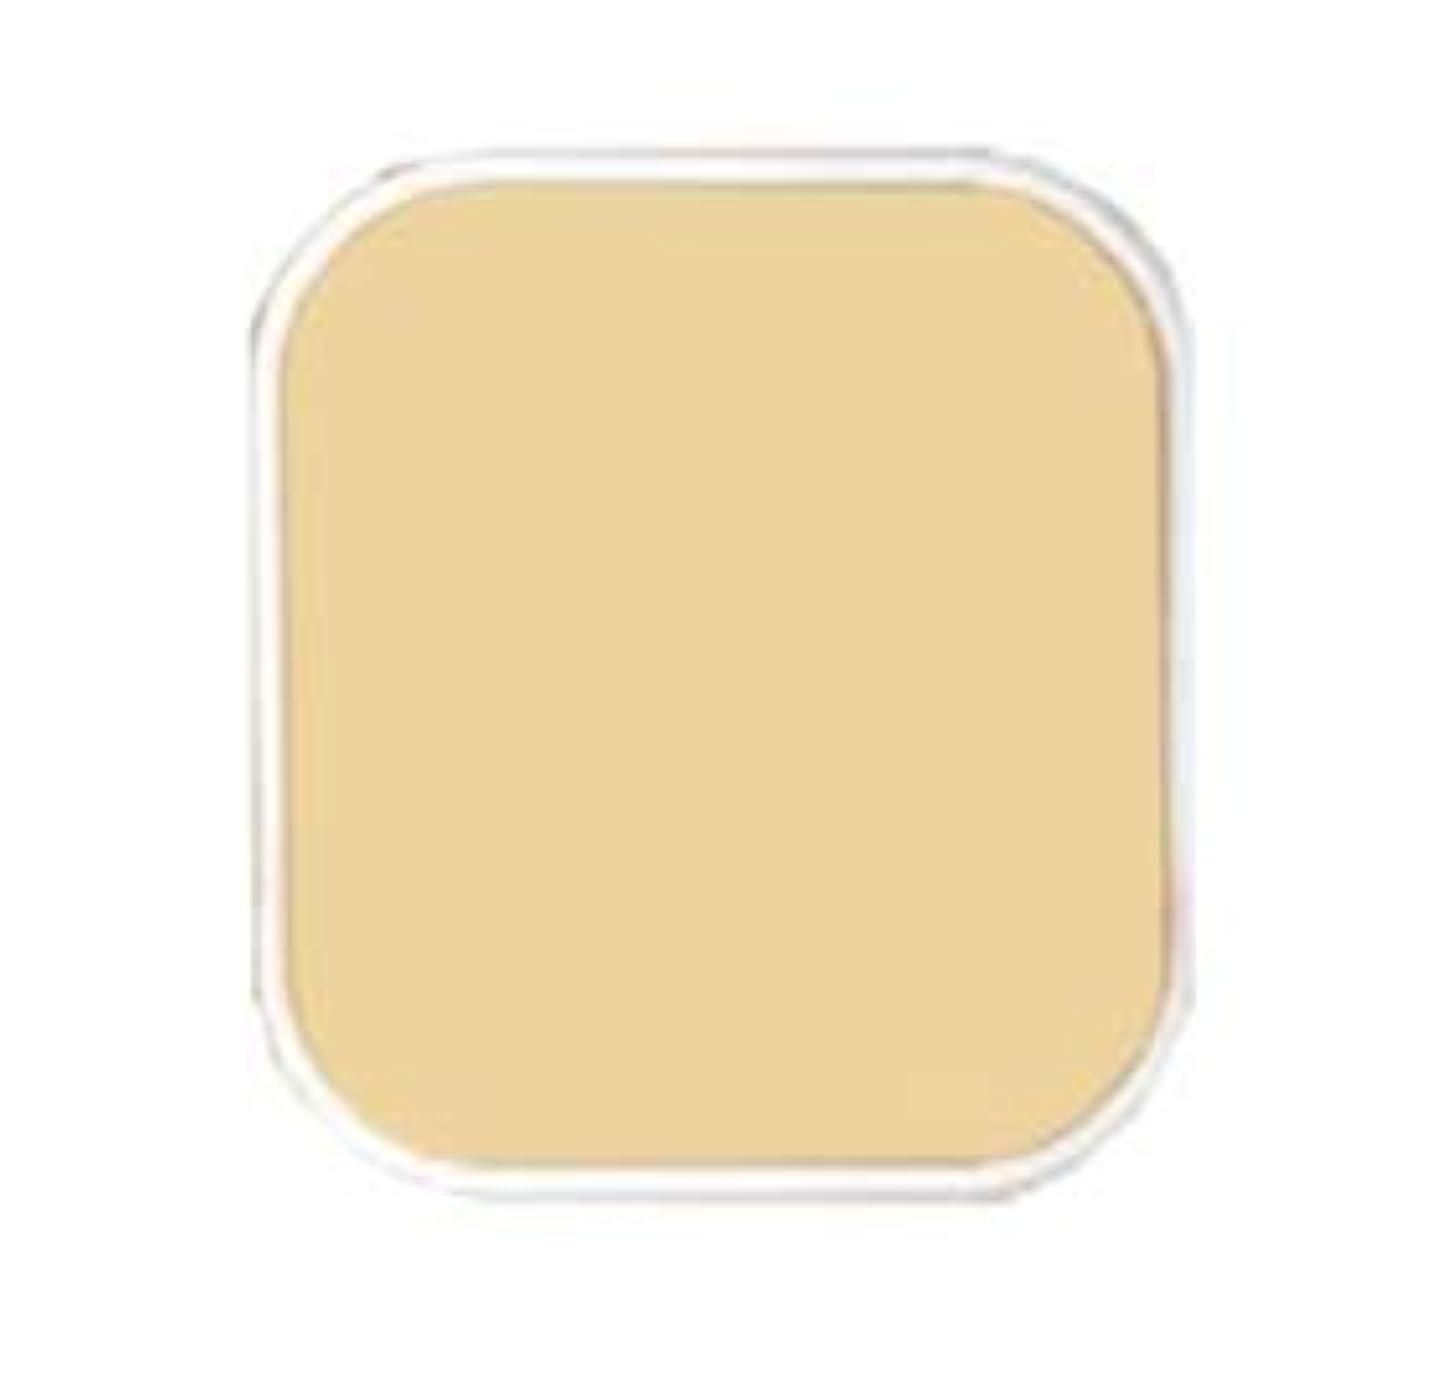 タイプ野生先例アクセーヌ クリーミィファンデーションPV(リフィル)<O10明るいオークル系>※ケース別売り(11g)